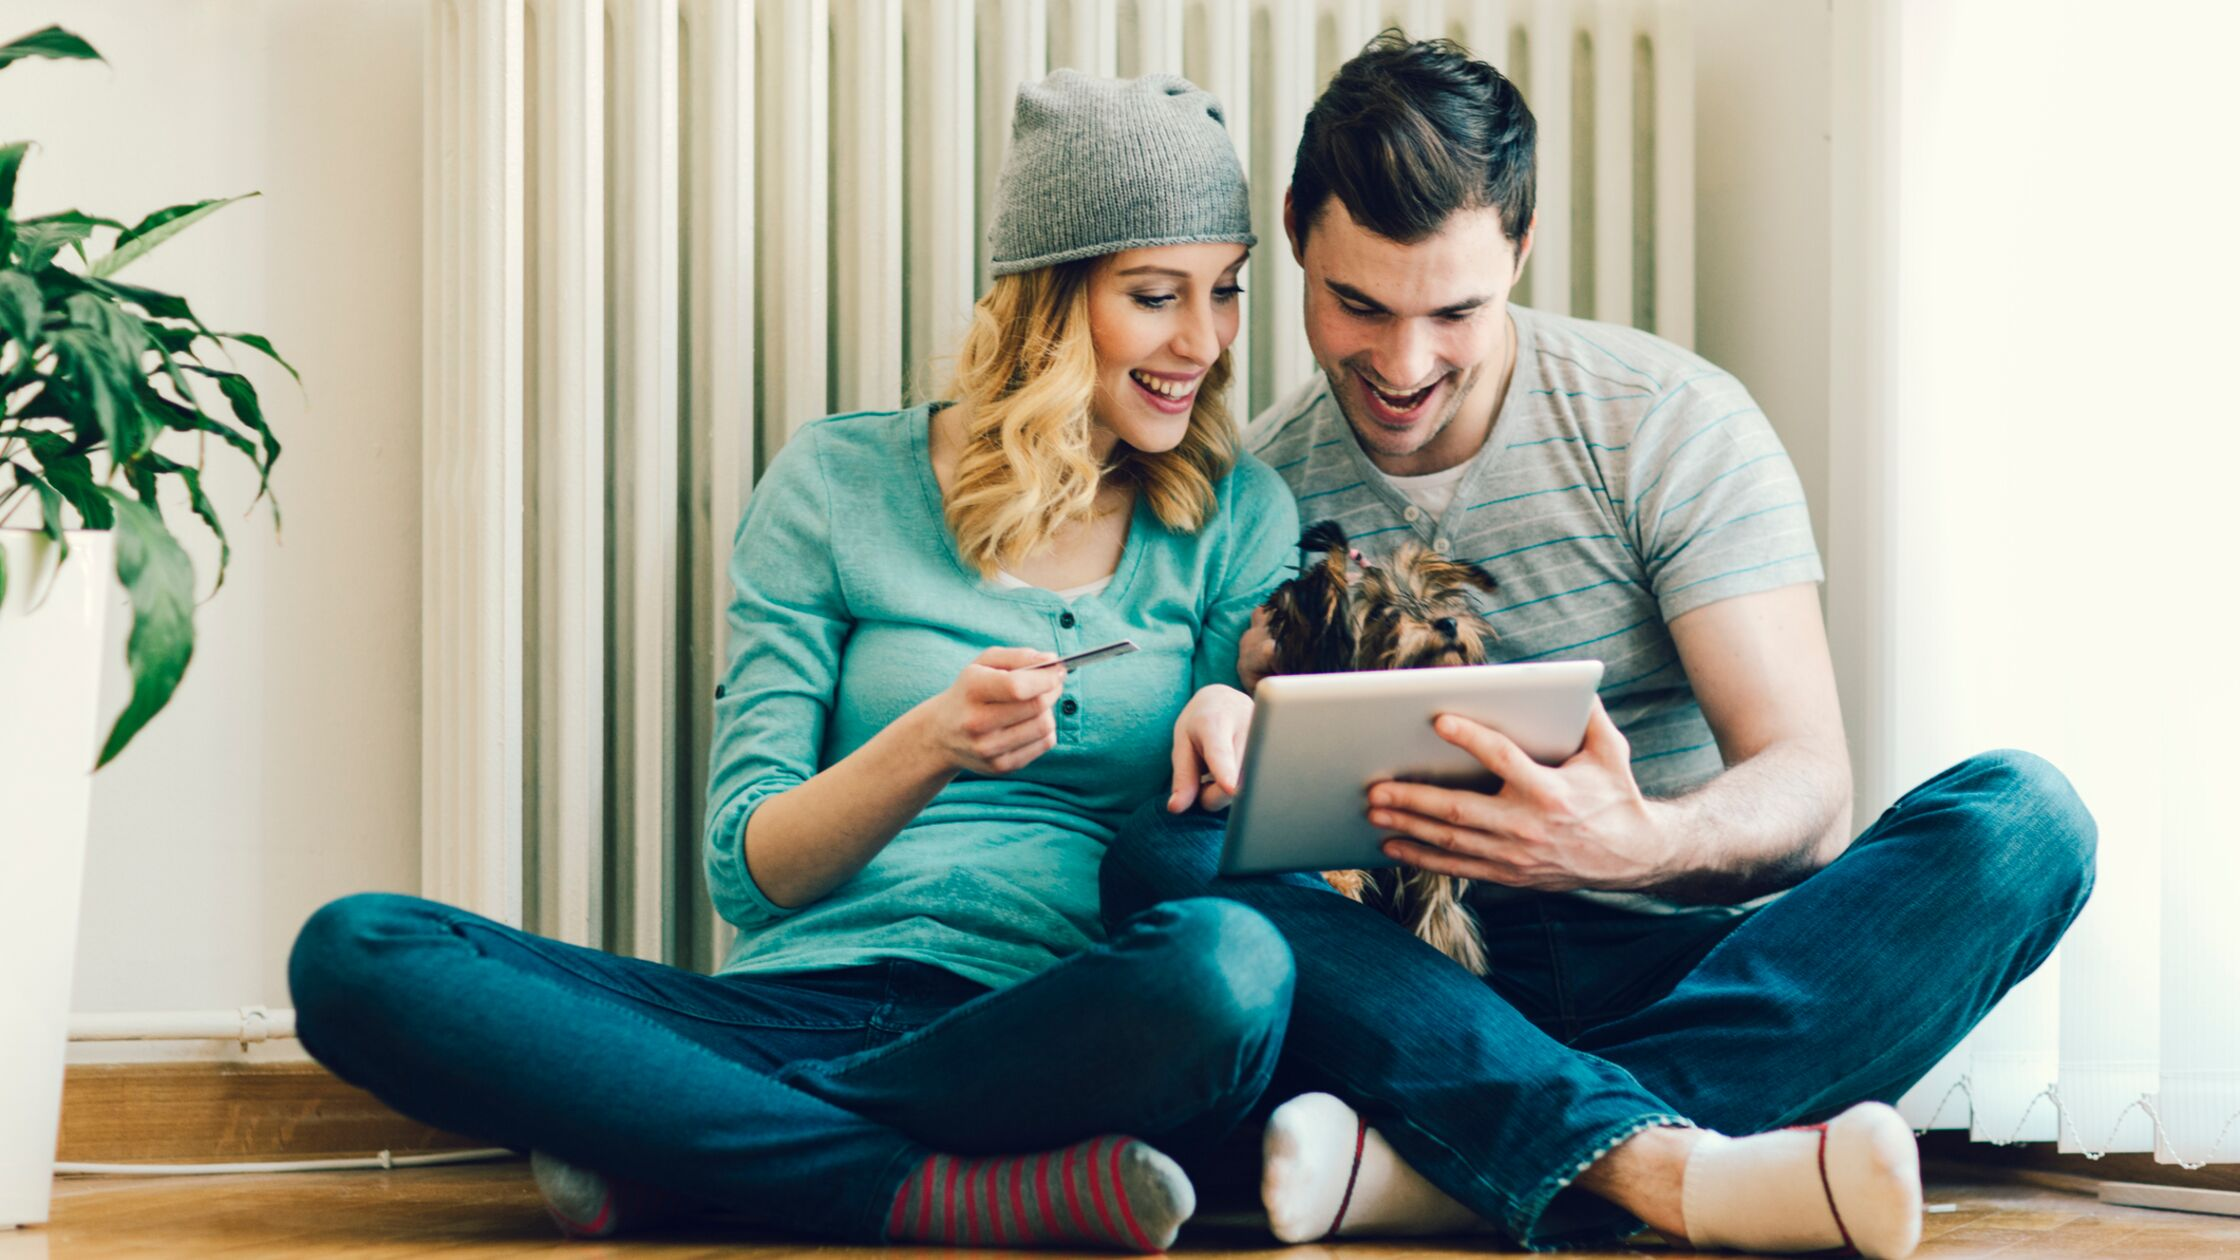 Junges Paar sitzt mit Tablet-PC vor einem Heizkörper